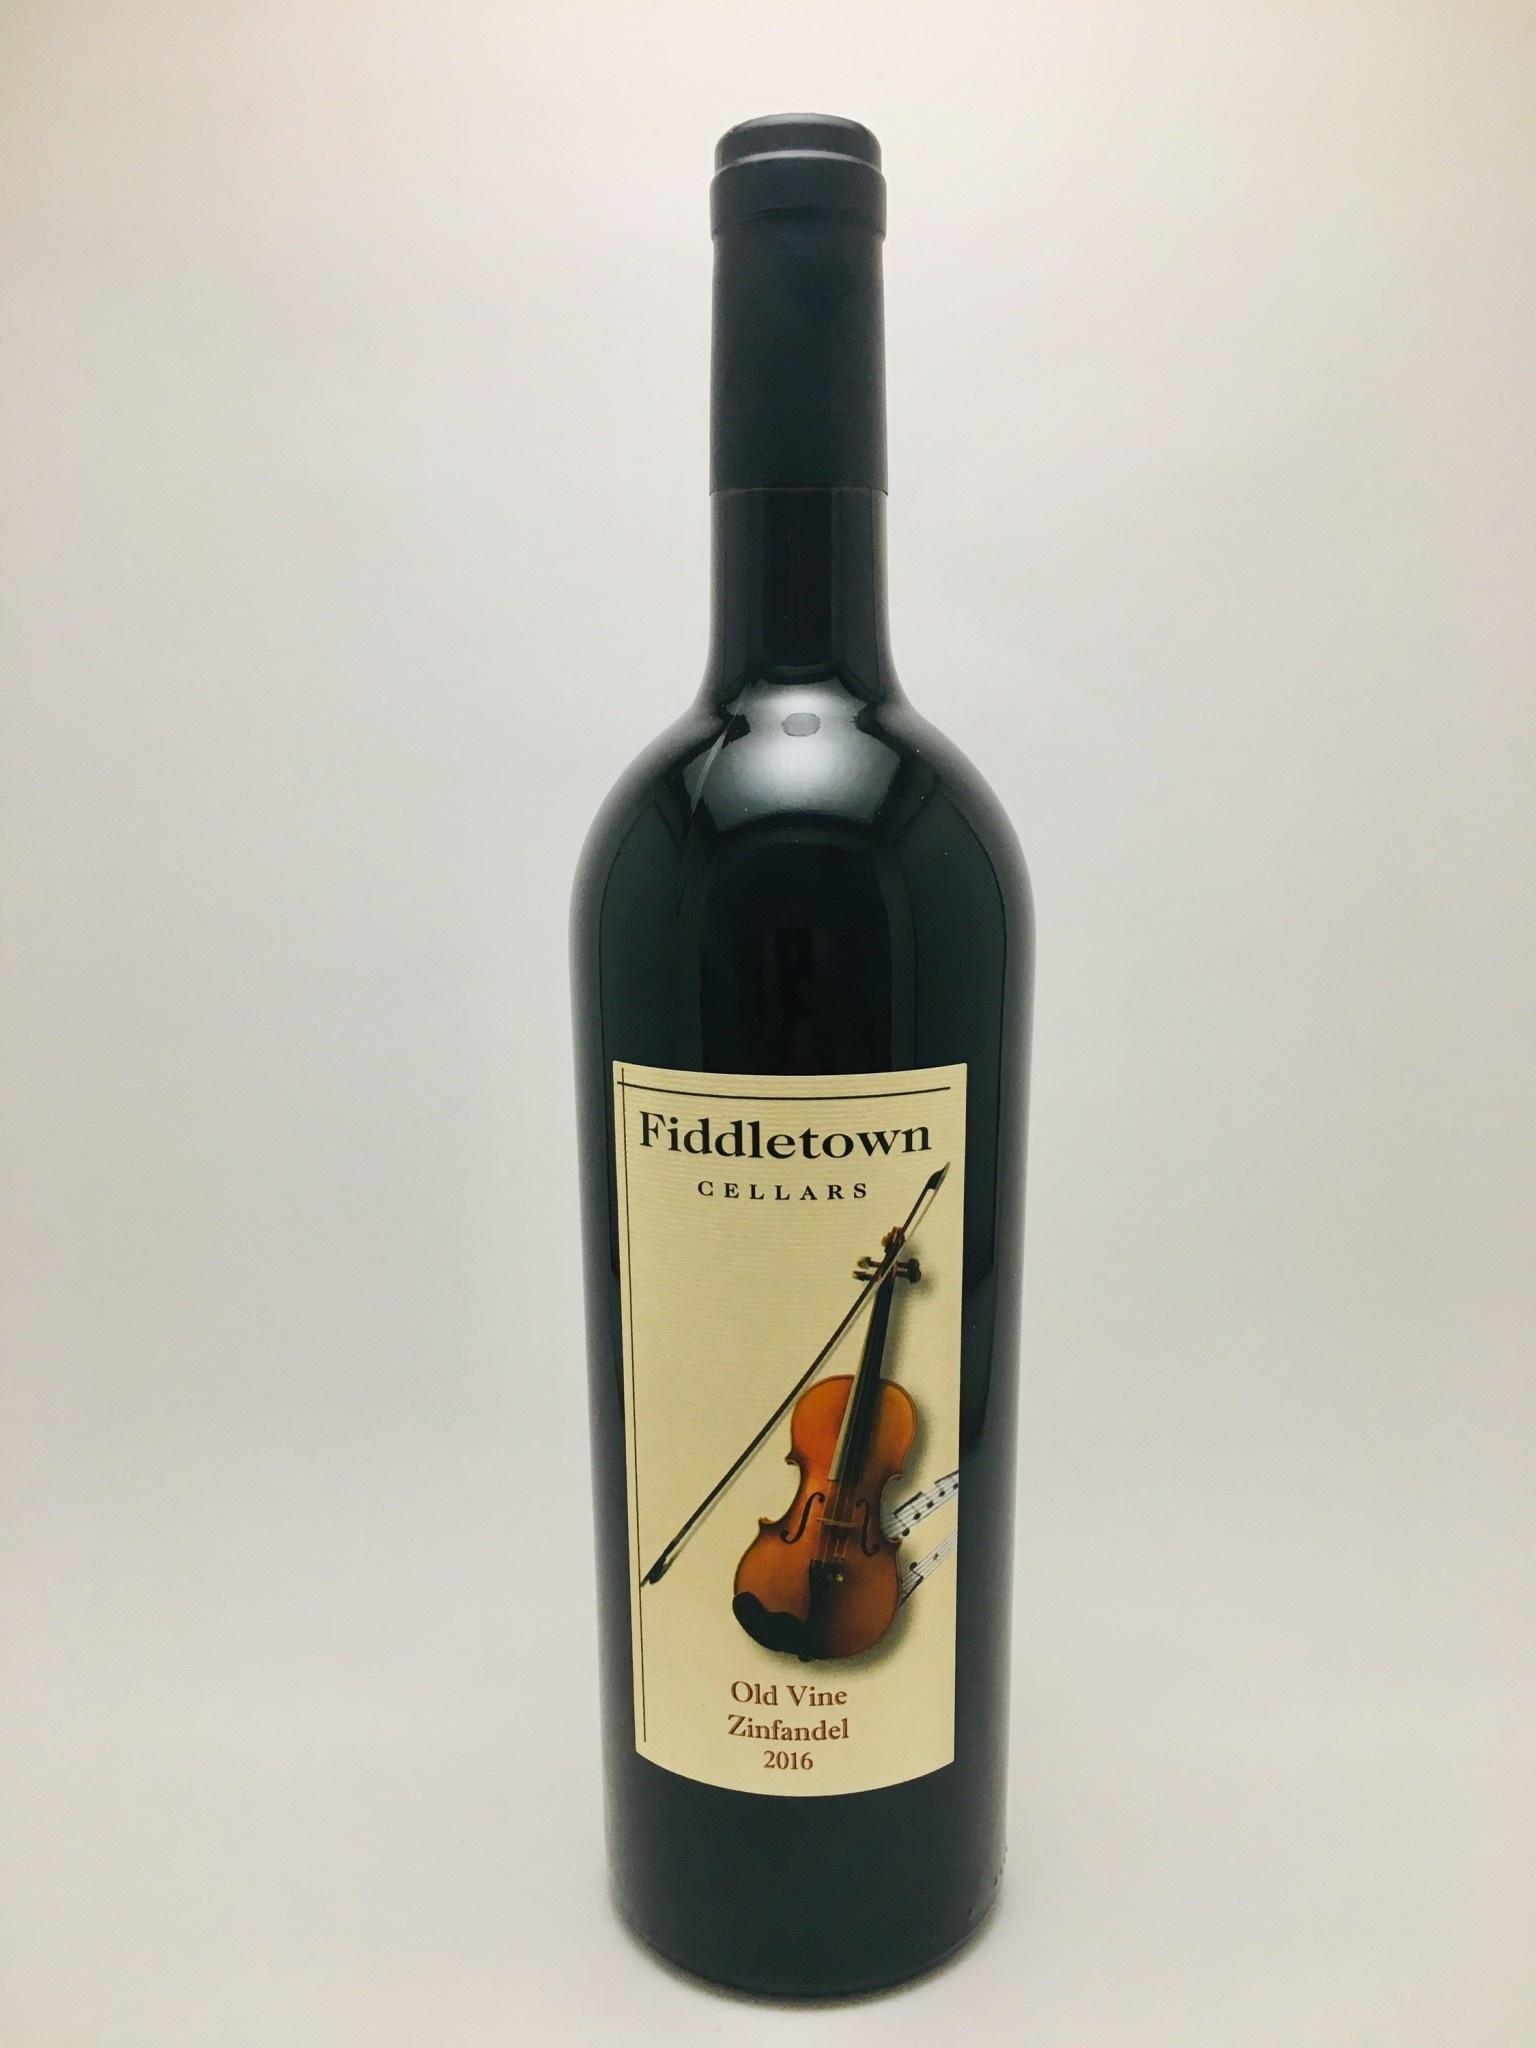 Fiddletown Cellars Old Vine Zinfandel 2016